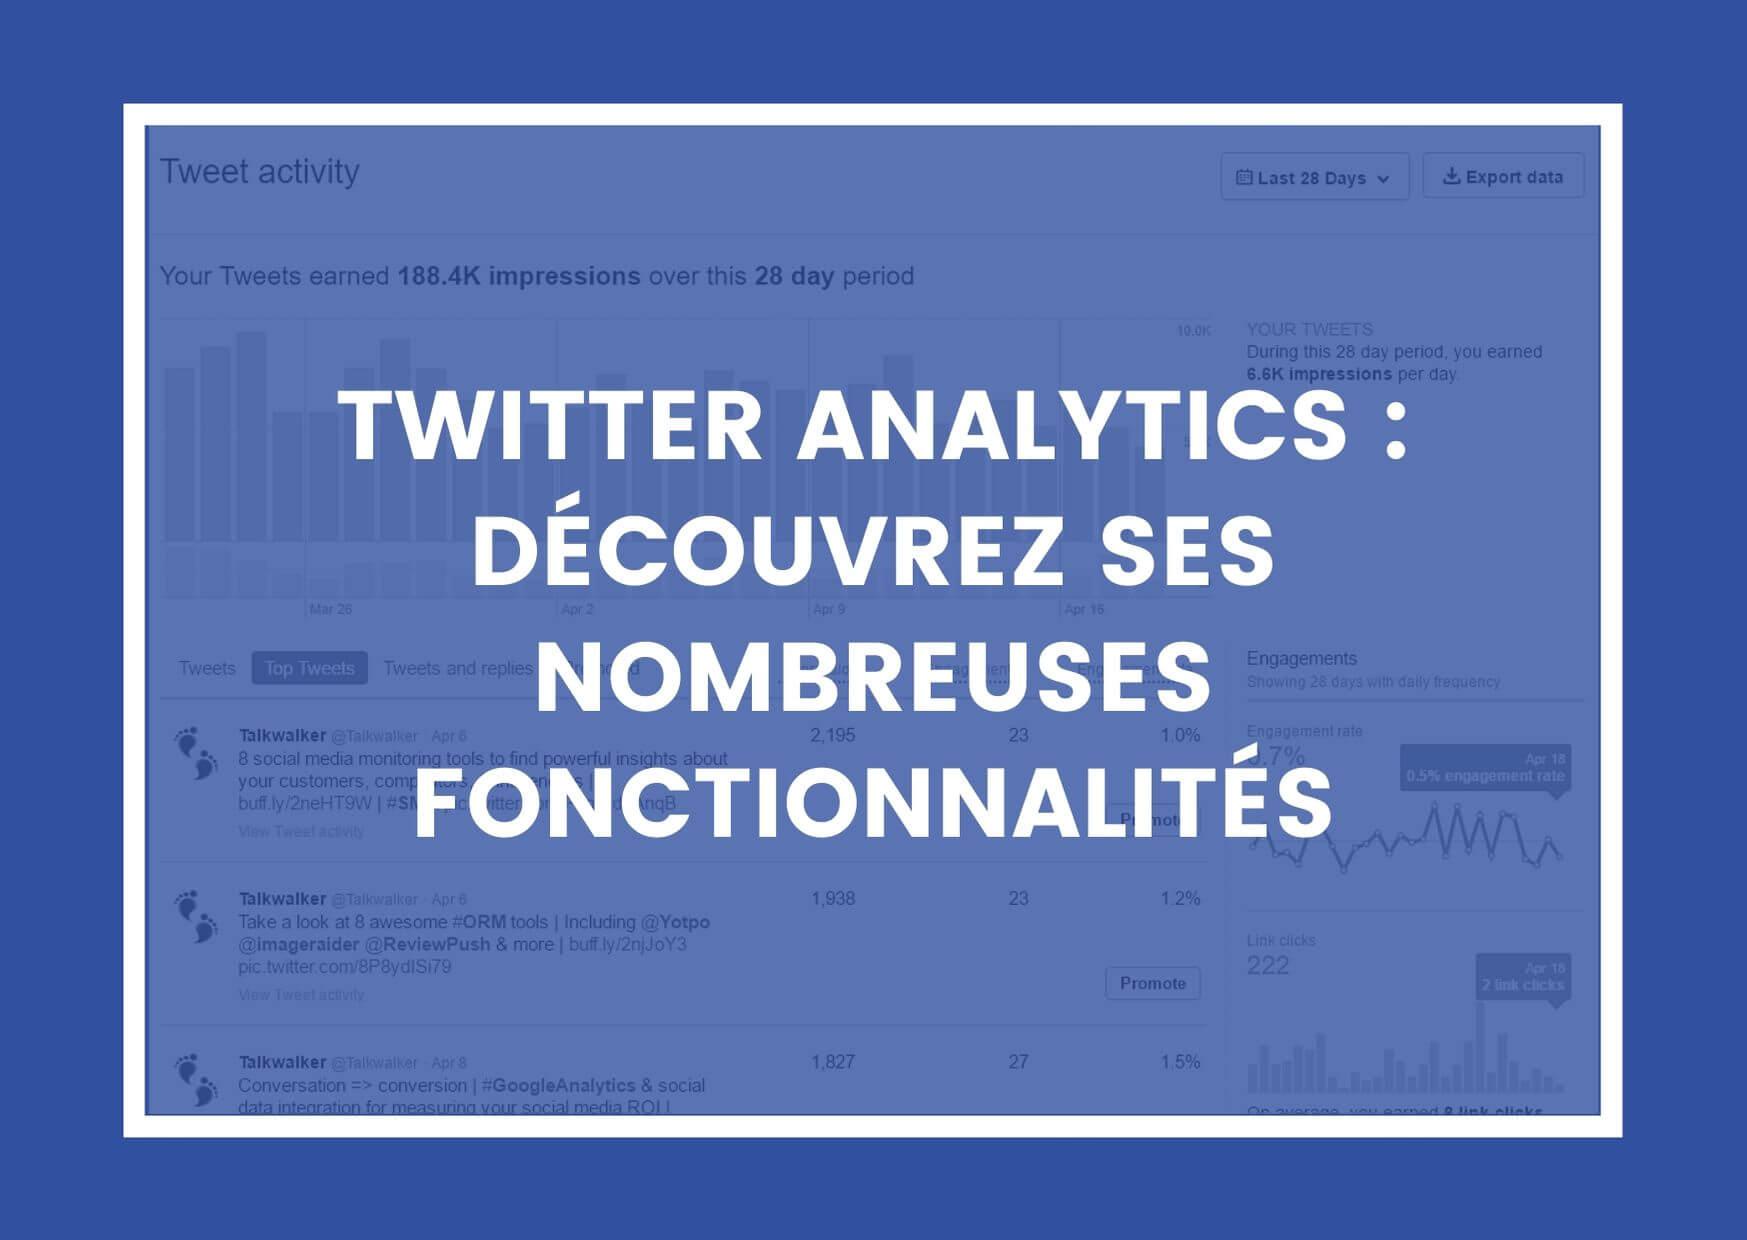 TWITTER ANALYTICS : DÉCOUVREZ SES NOMBREUSES FONCTIONNALITÉS